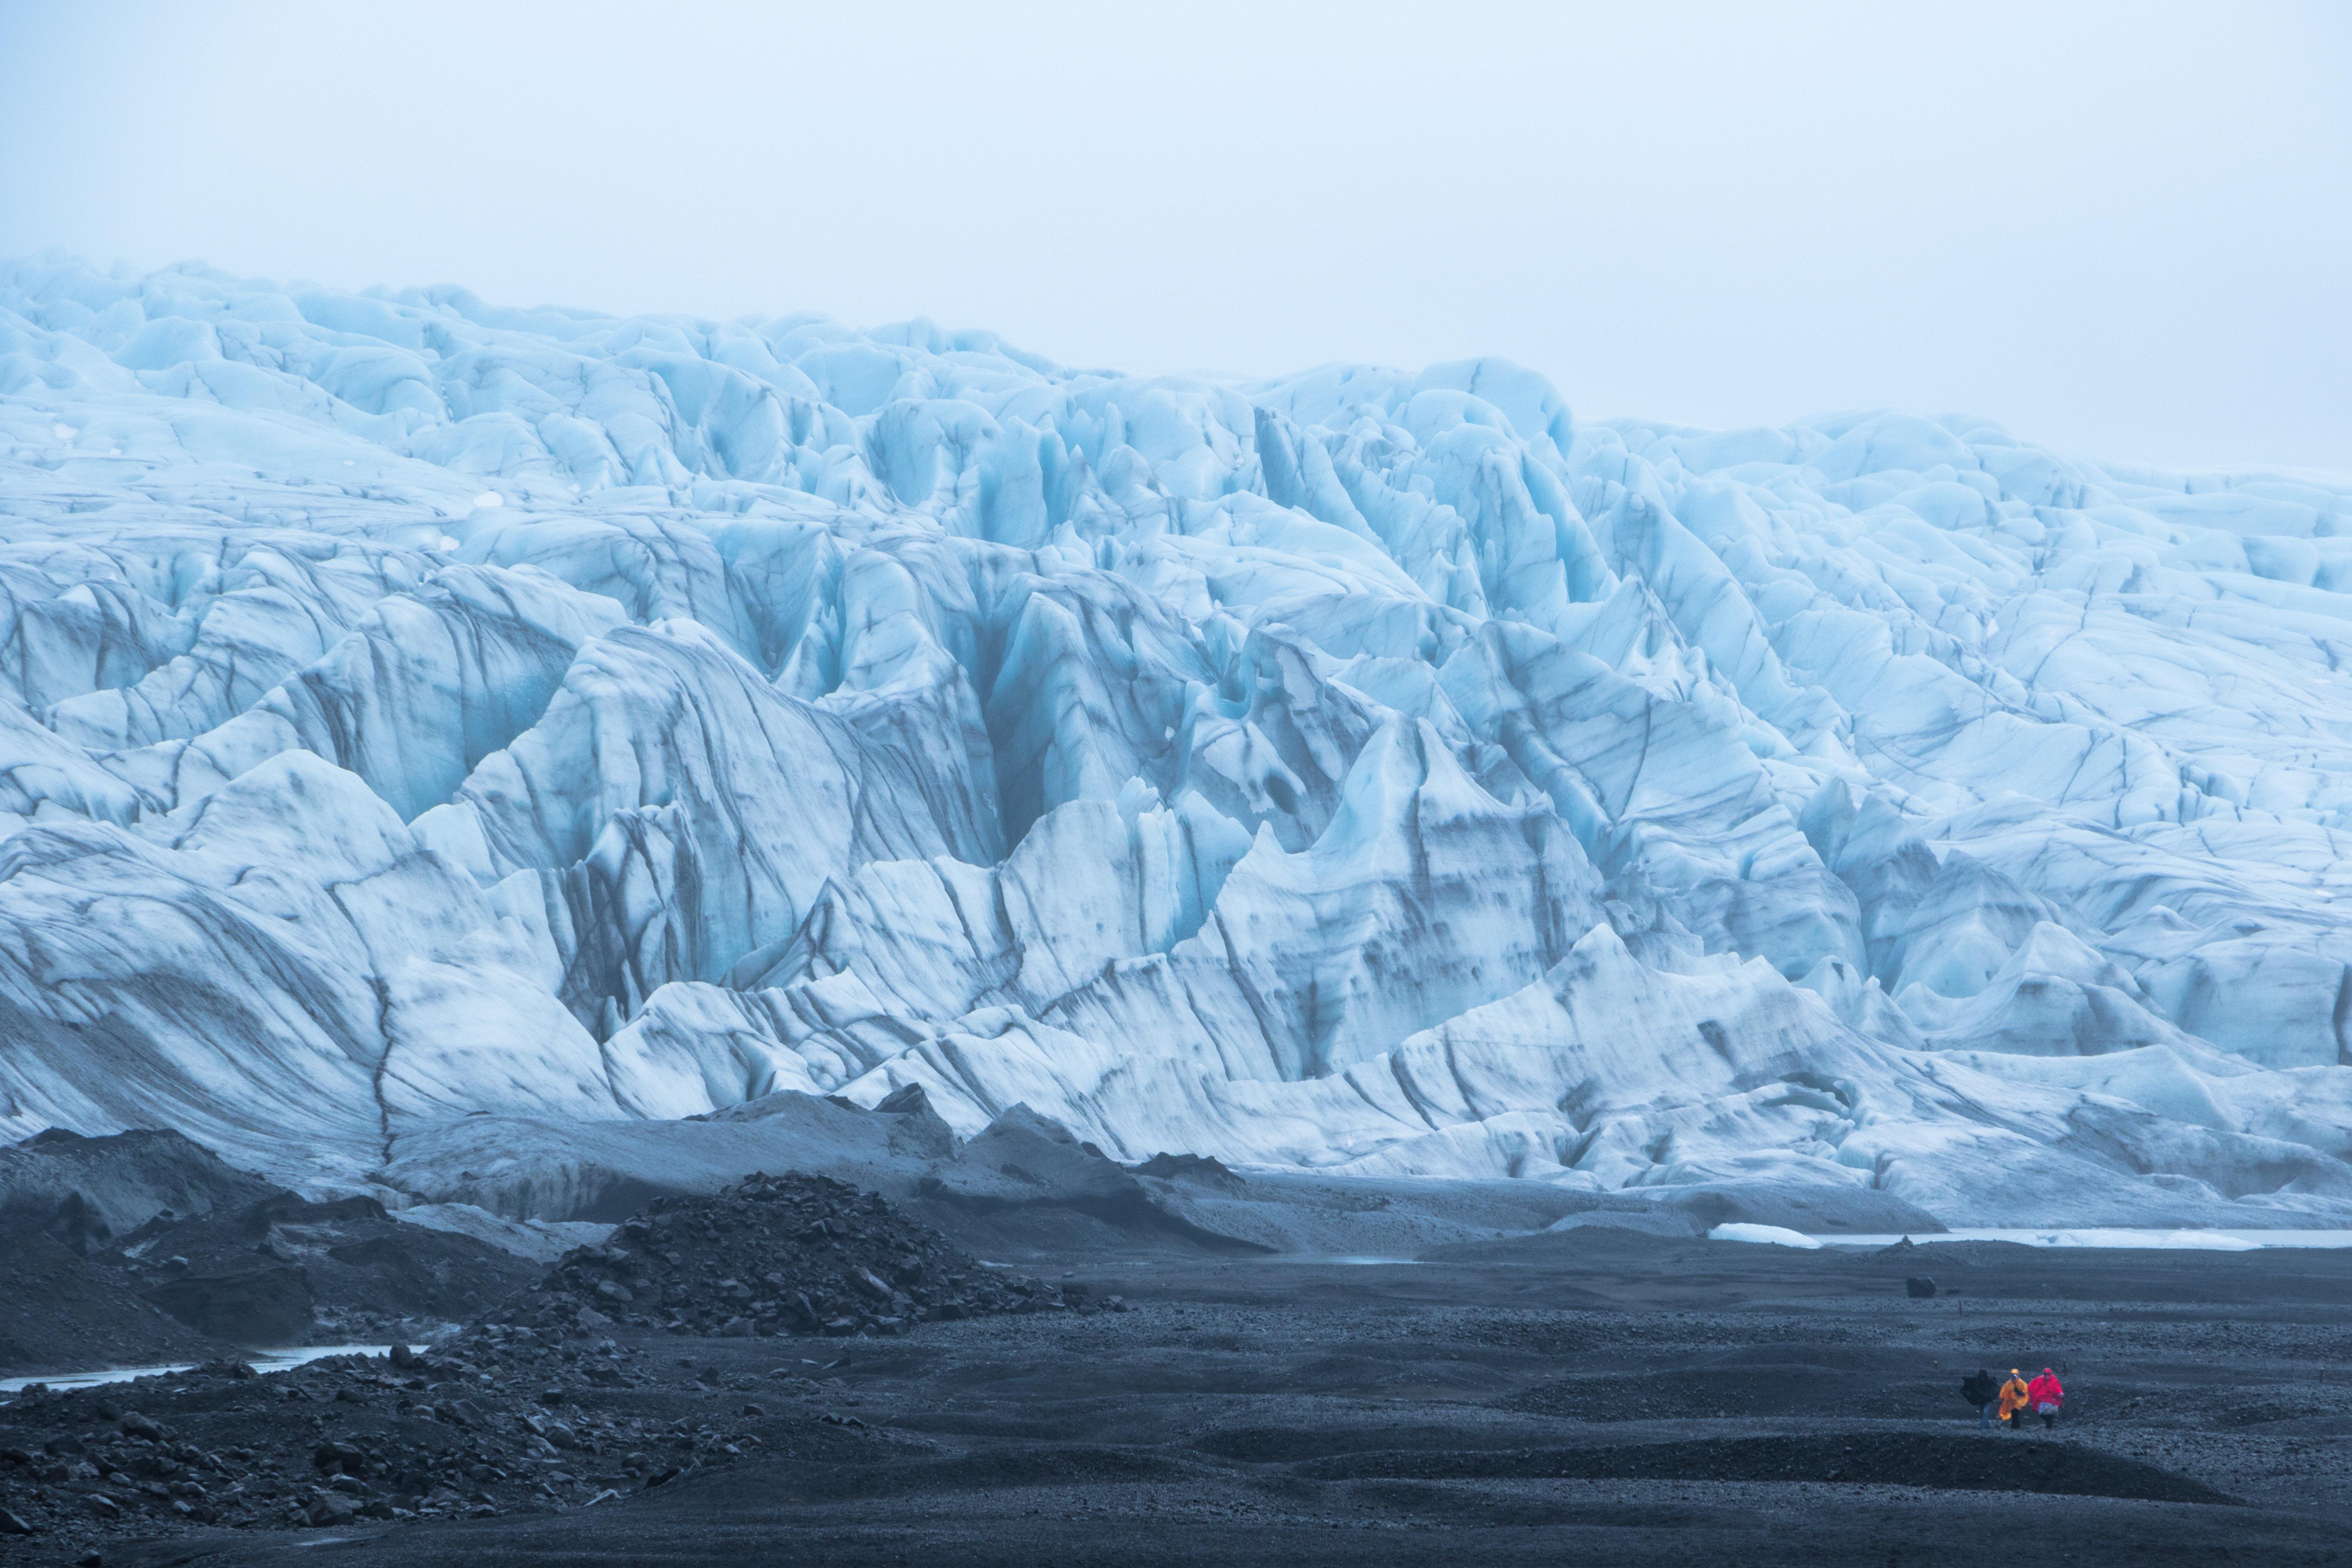 Caminata glaciar